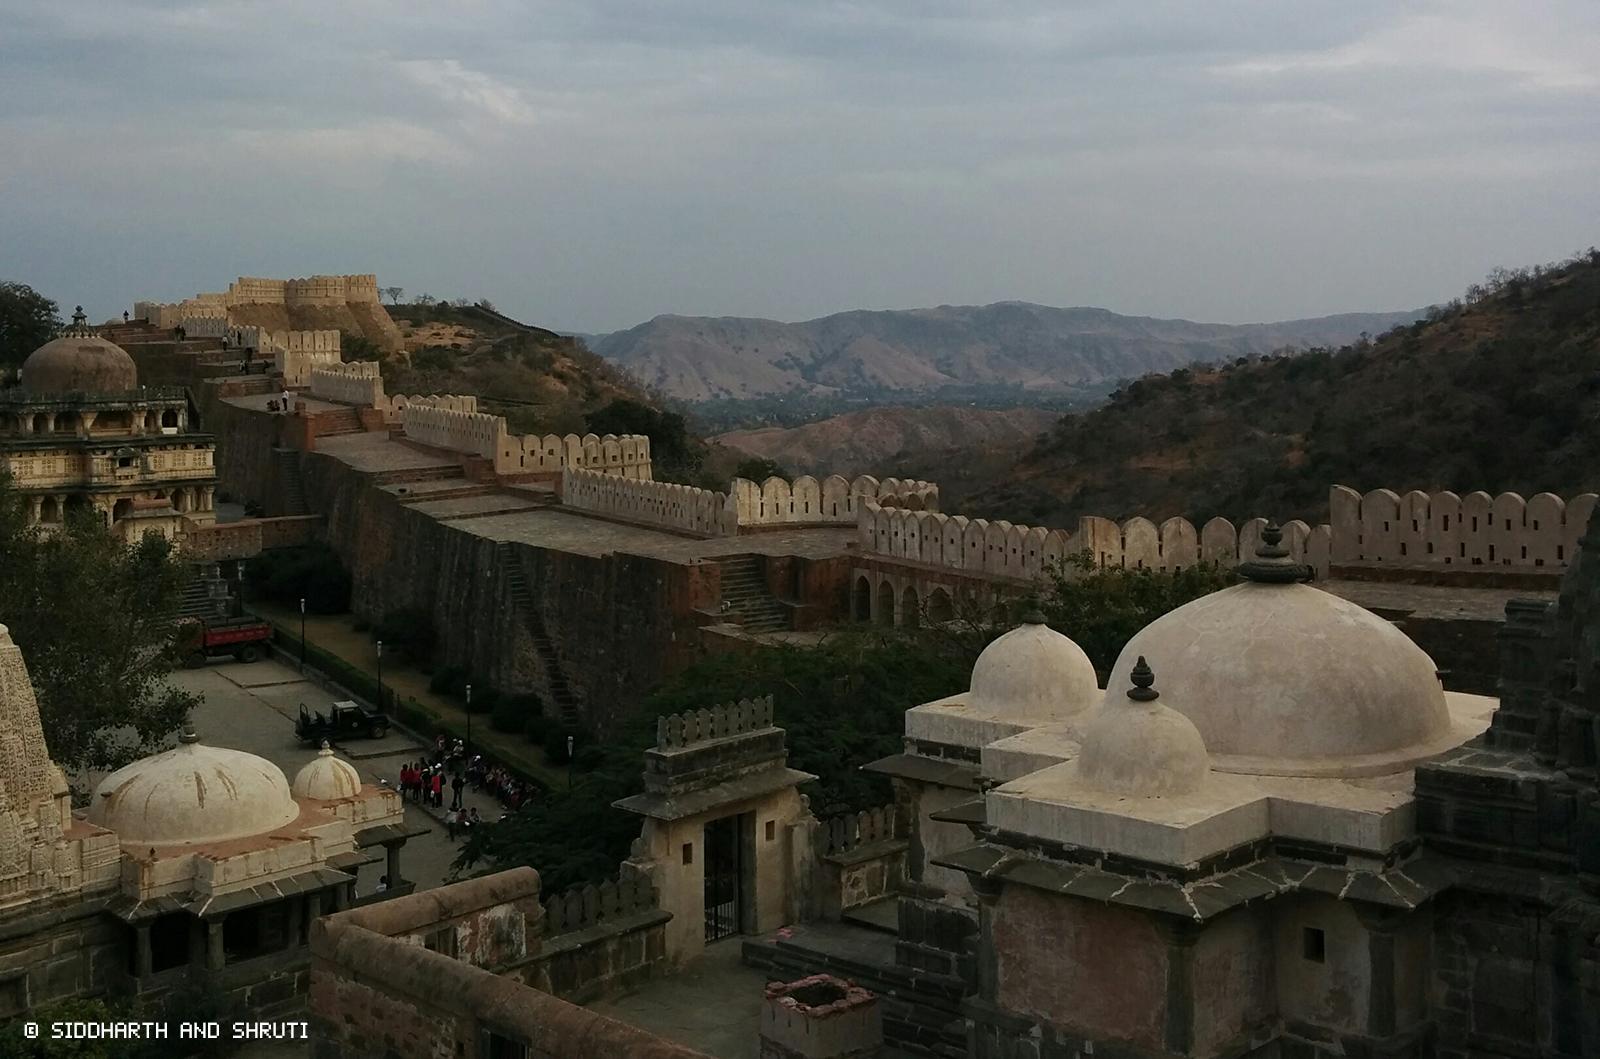 siddharthandshruti_kumbhalgarh3